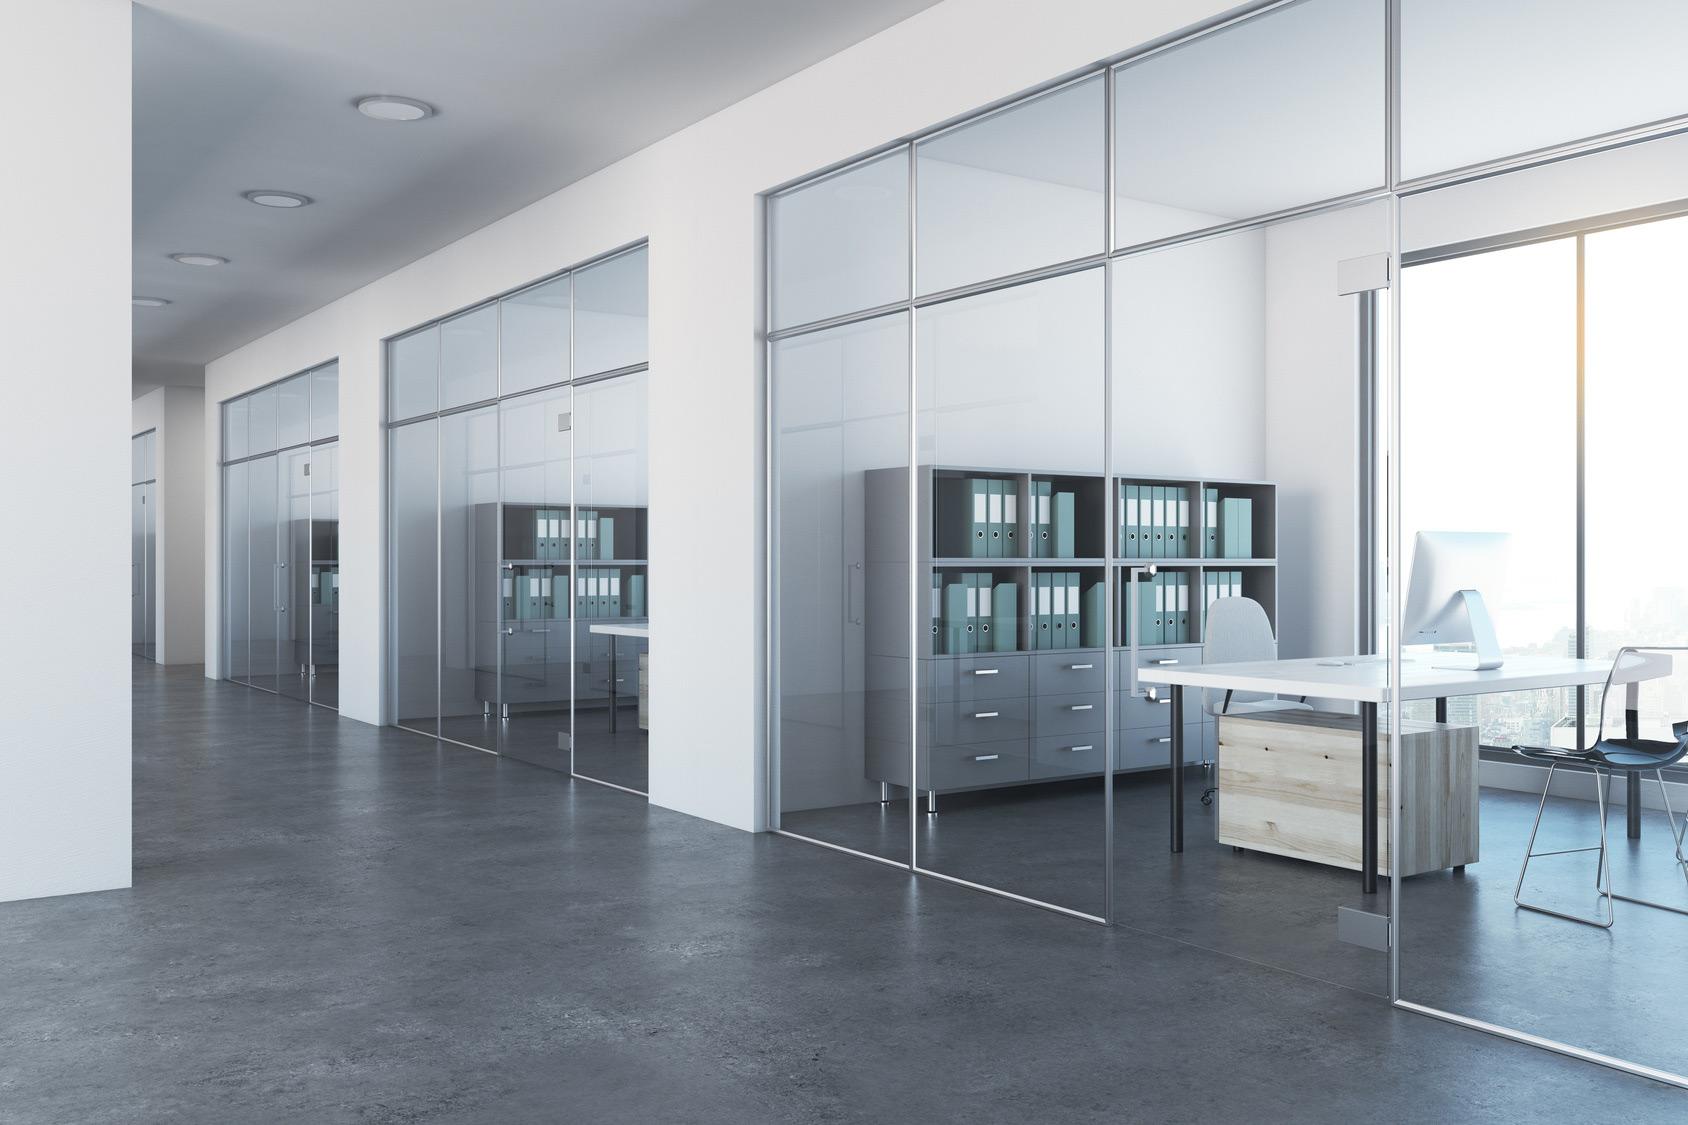 Biuro komórkowe, widok z korytarza na przestronne osobne gabinety umieszczone za przeszklonymi ścianami.